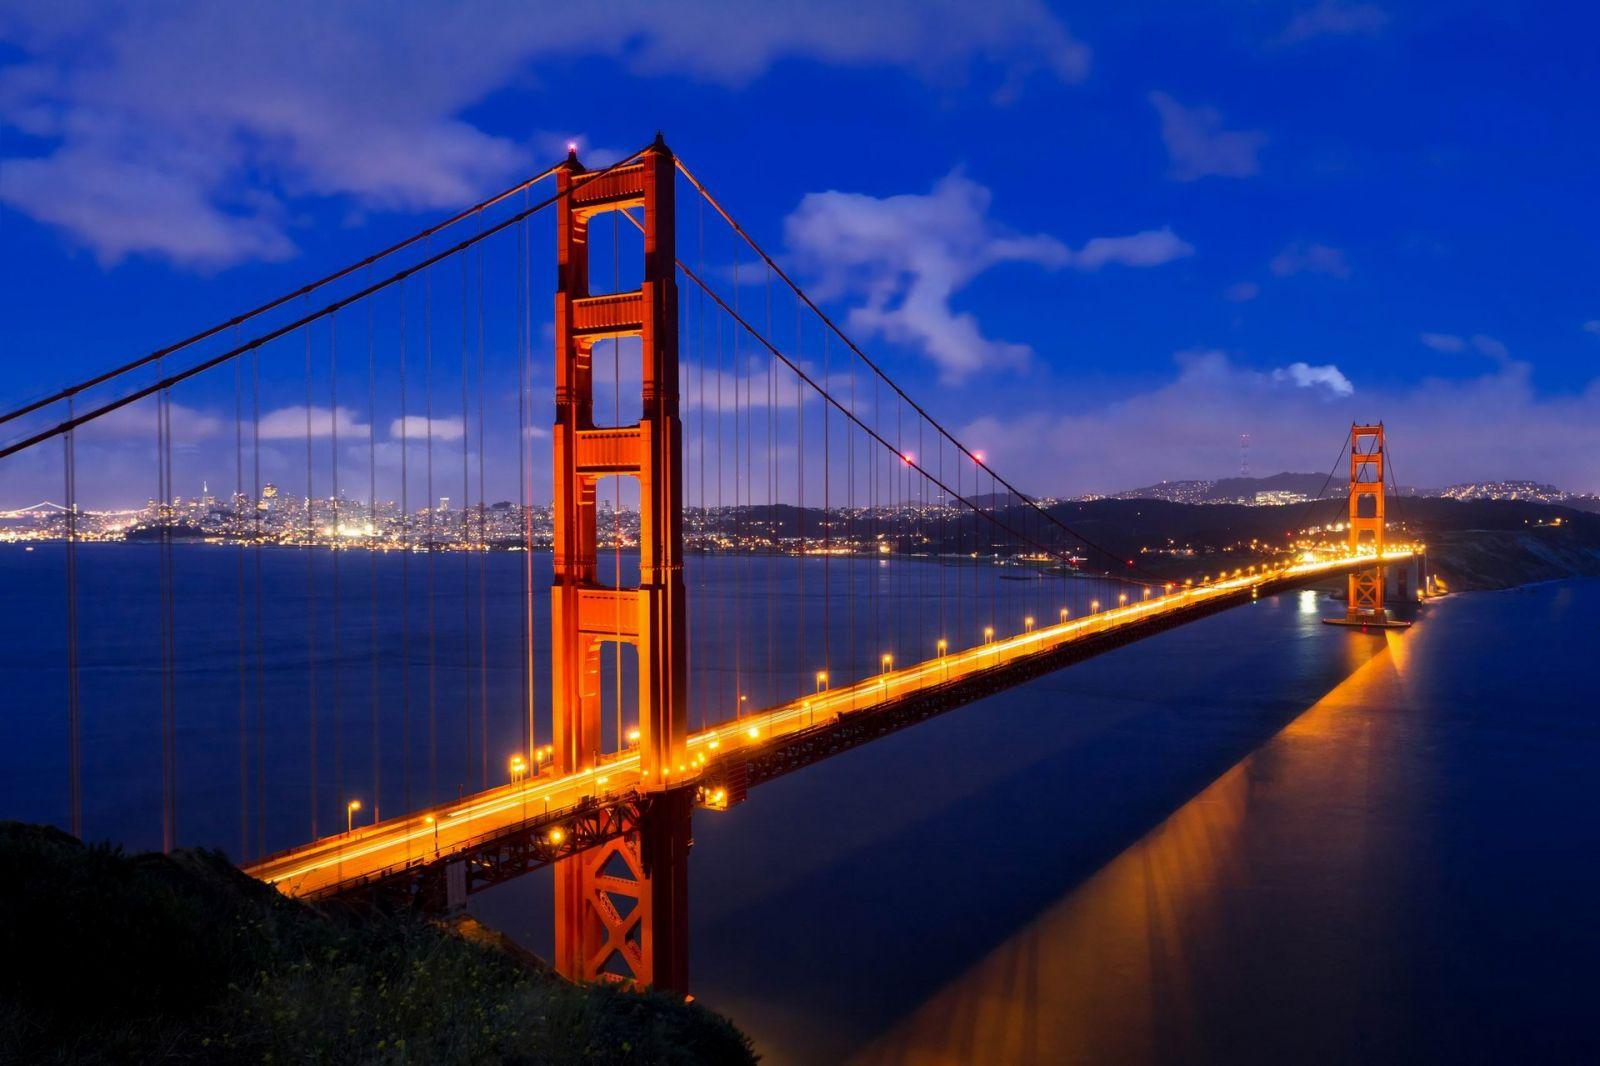 Du lịch phượt Mỹ vào thời điểm nào? cầu cồng vàng